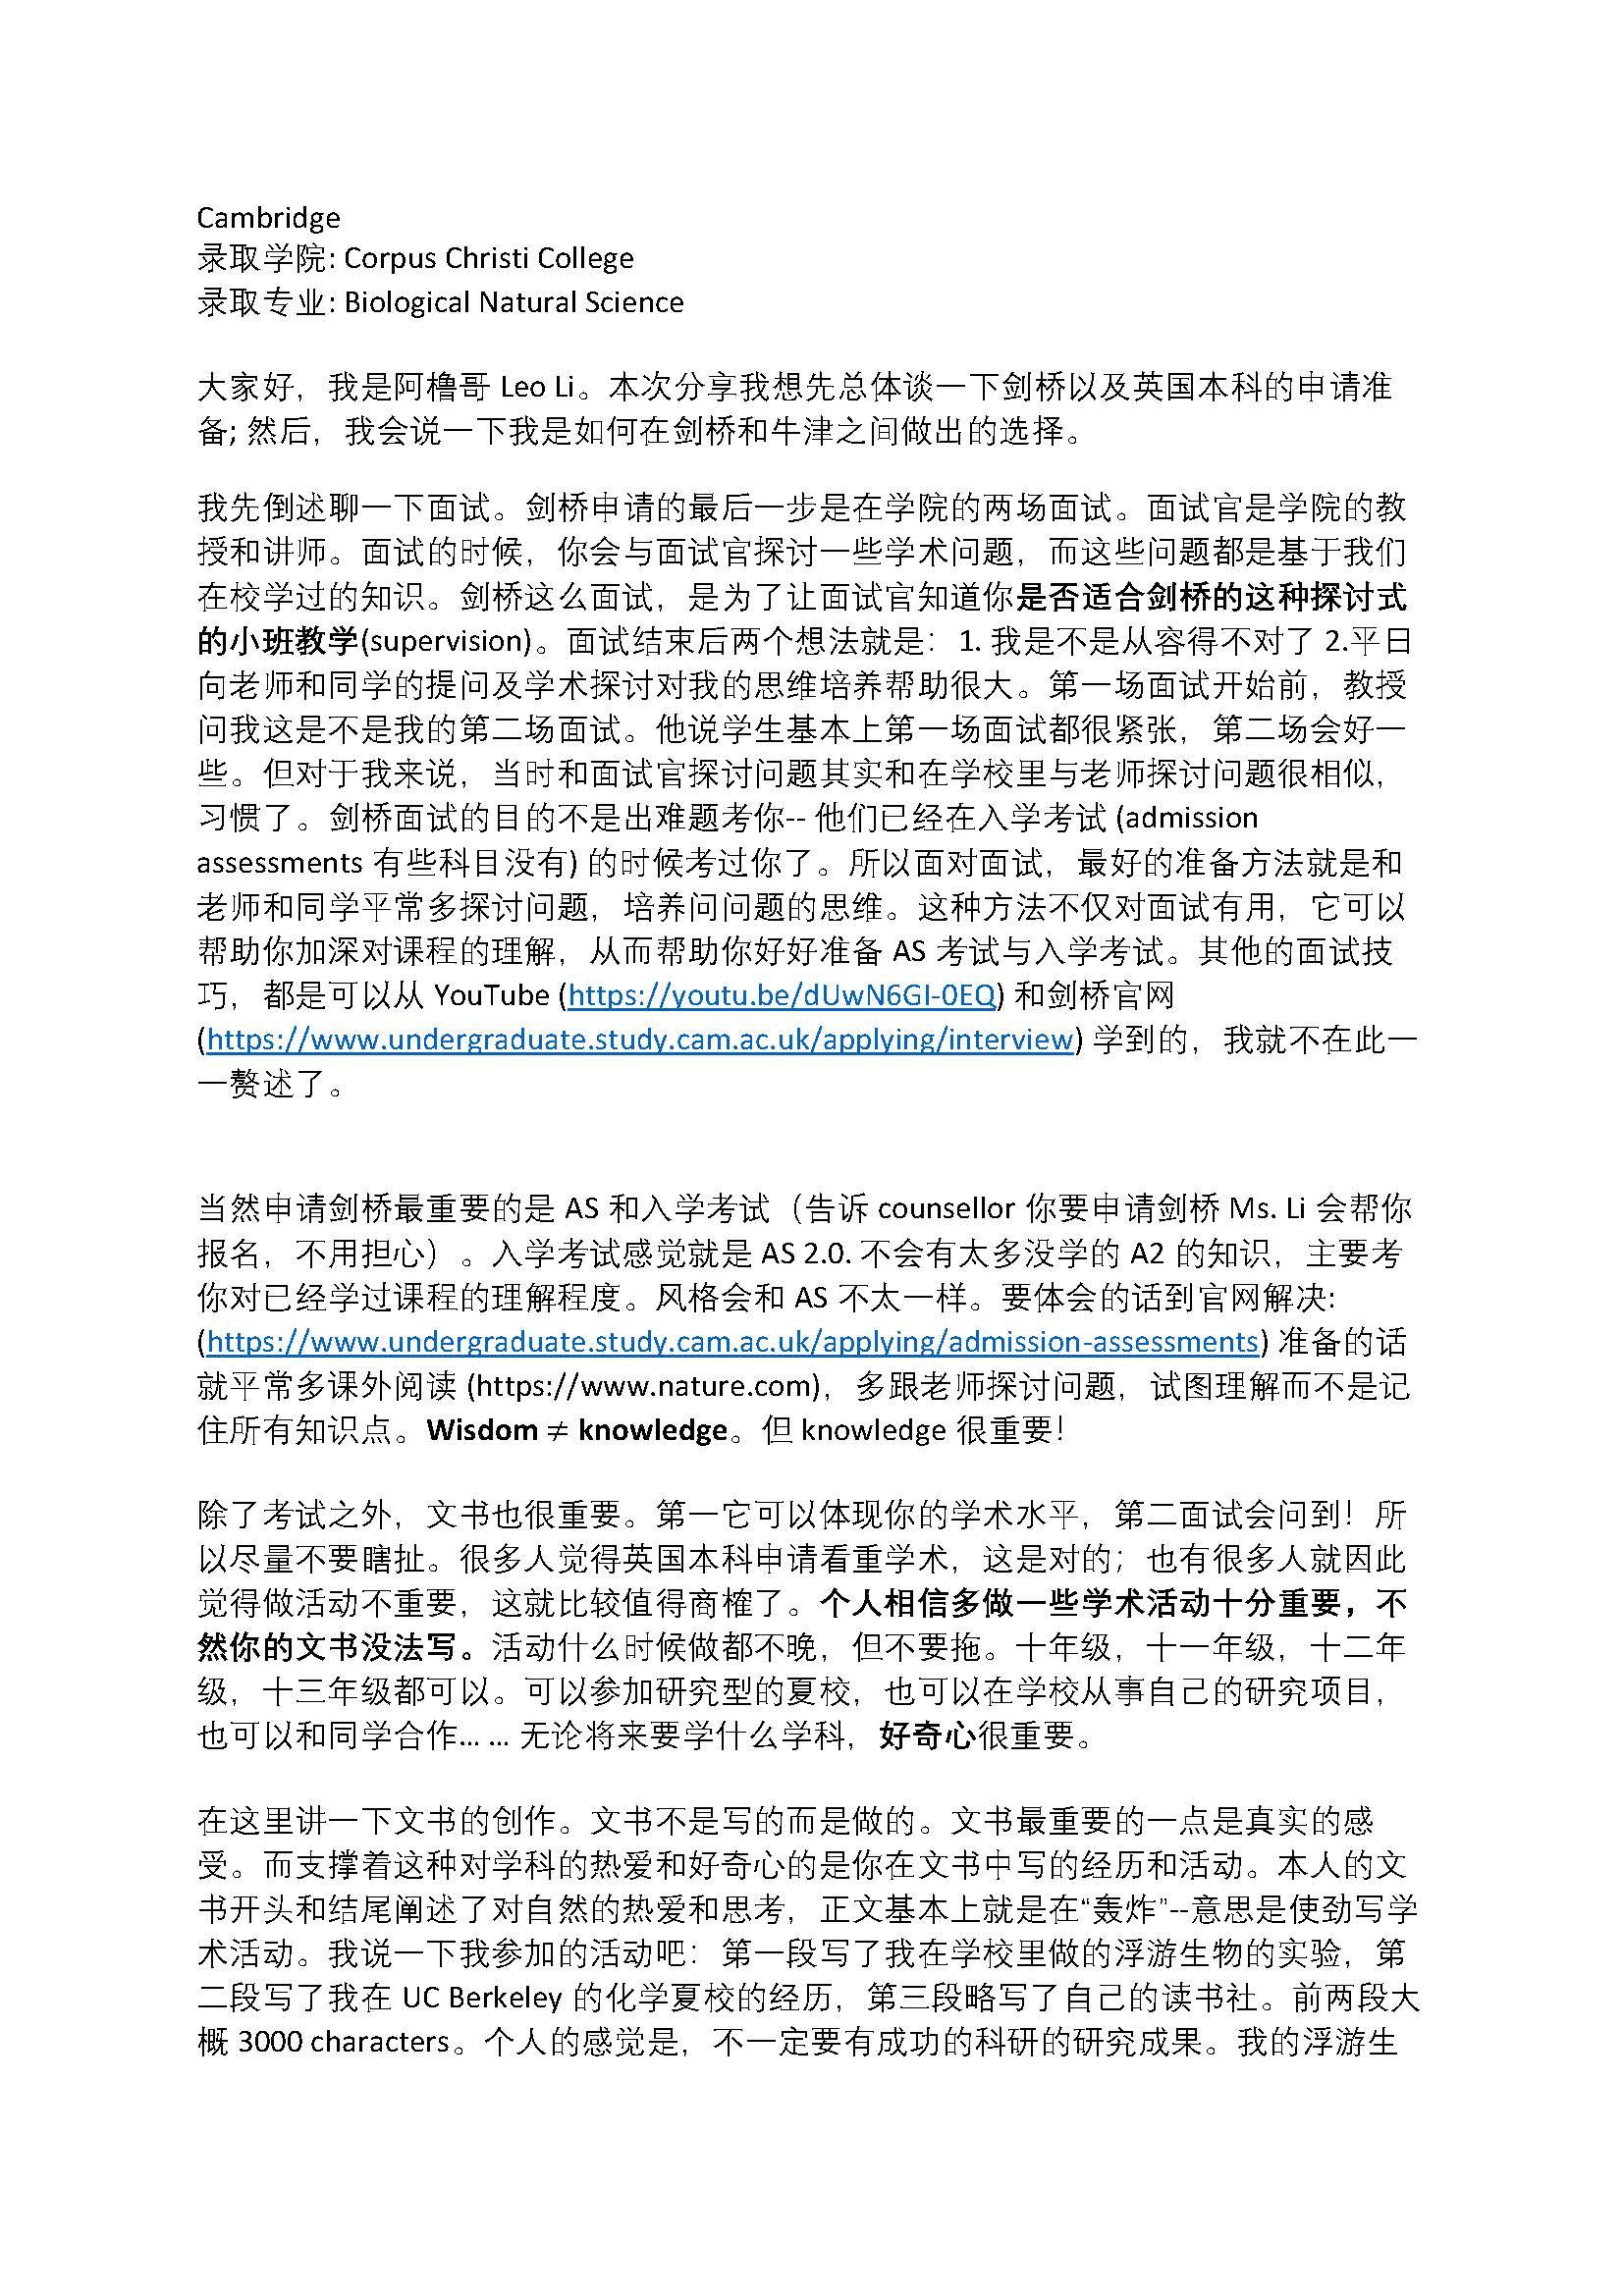 升学分享-leo-li-cambridge-page-1-苏州德威国际高中-20200601-082357-974